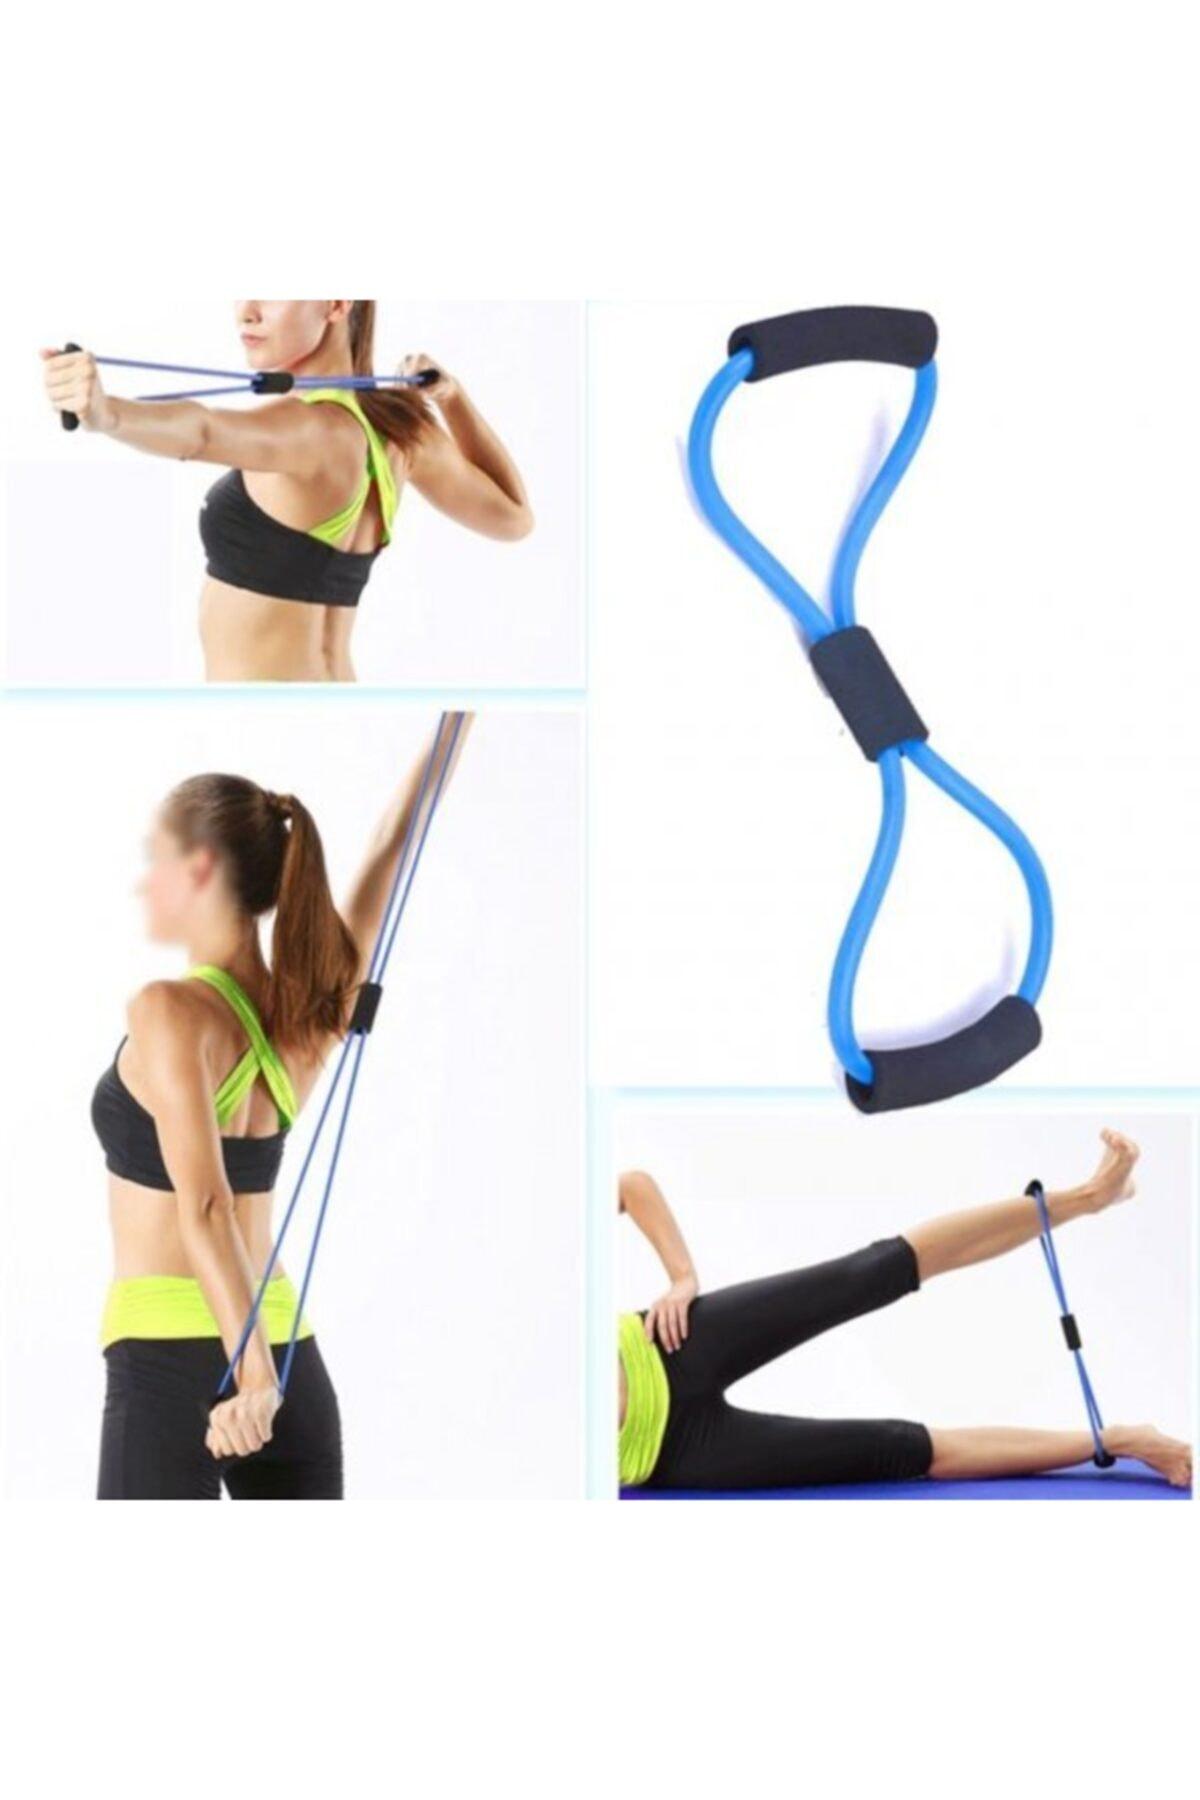 VOİVA Plates Mavi Direnç Lastiği, Egzersiz Direnç Ipi, Plates Lastiği 1